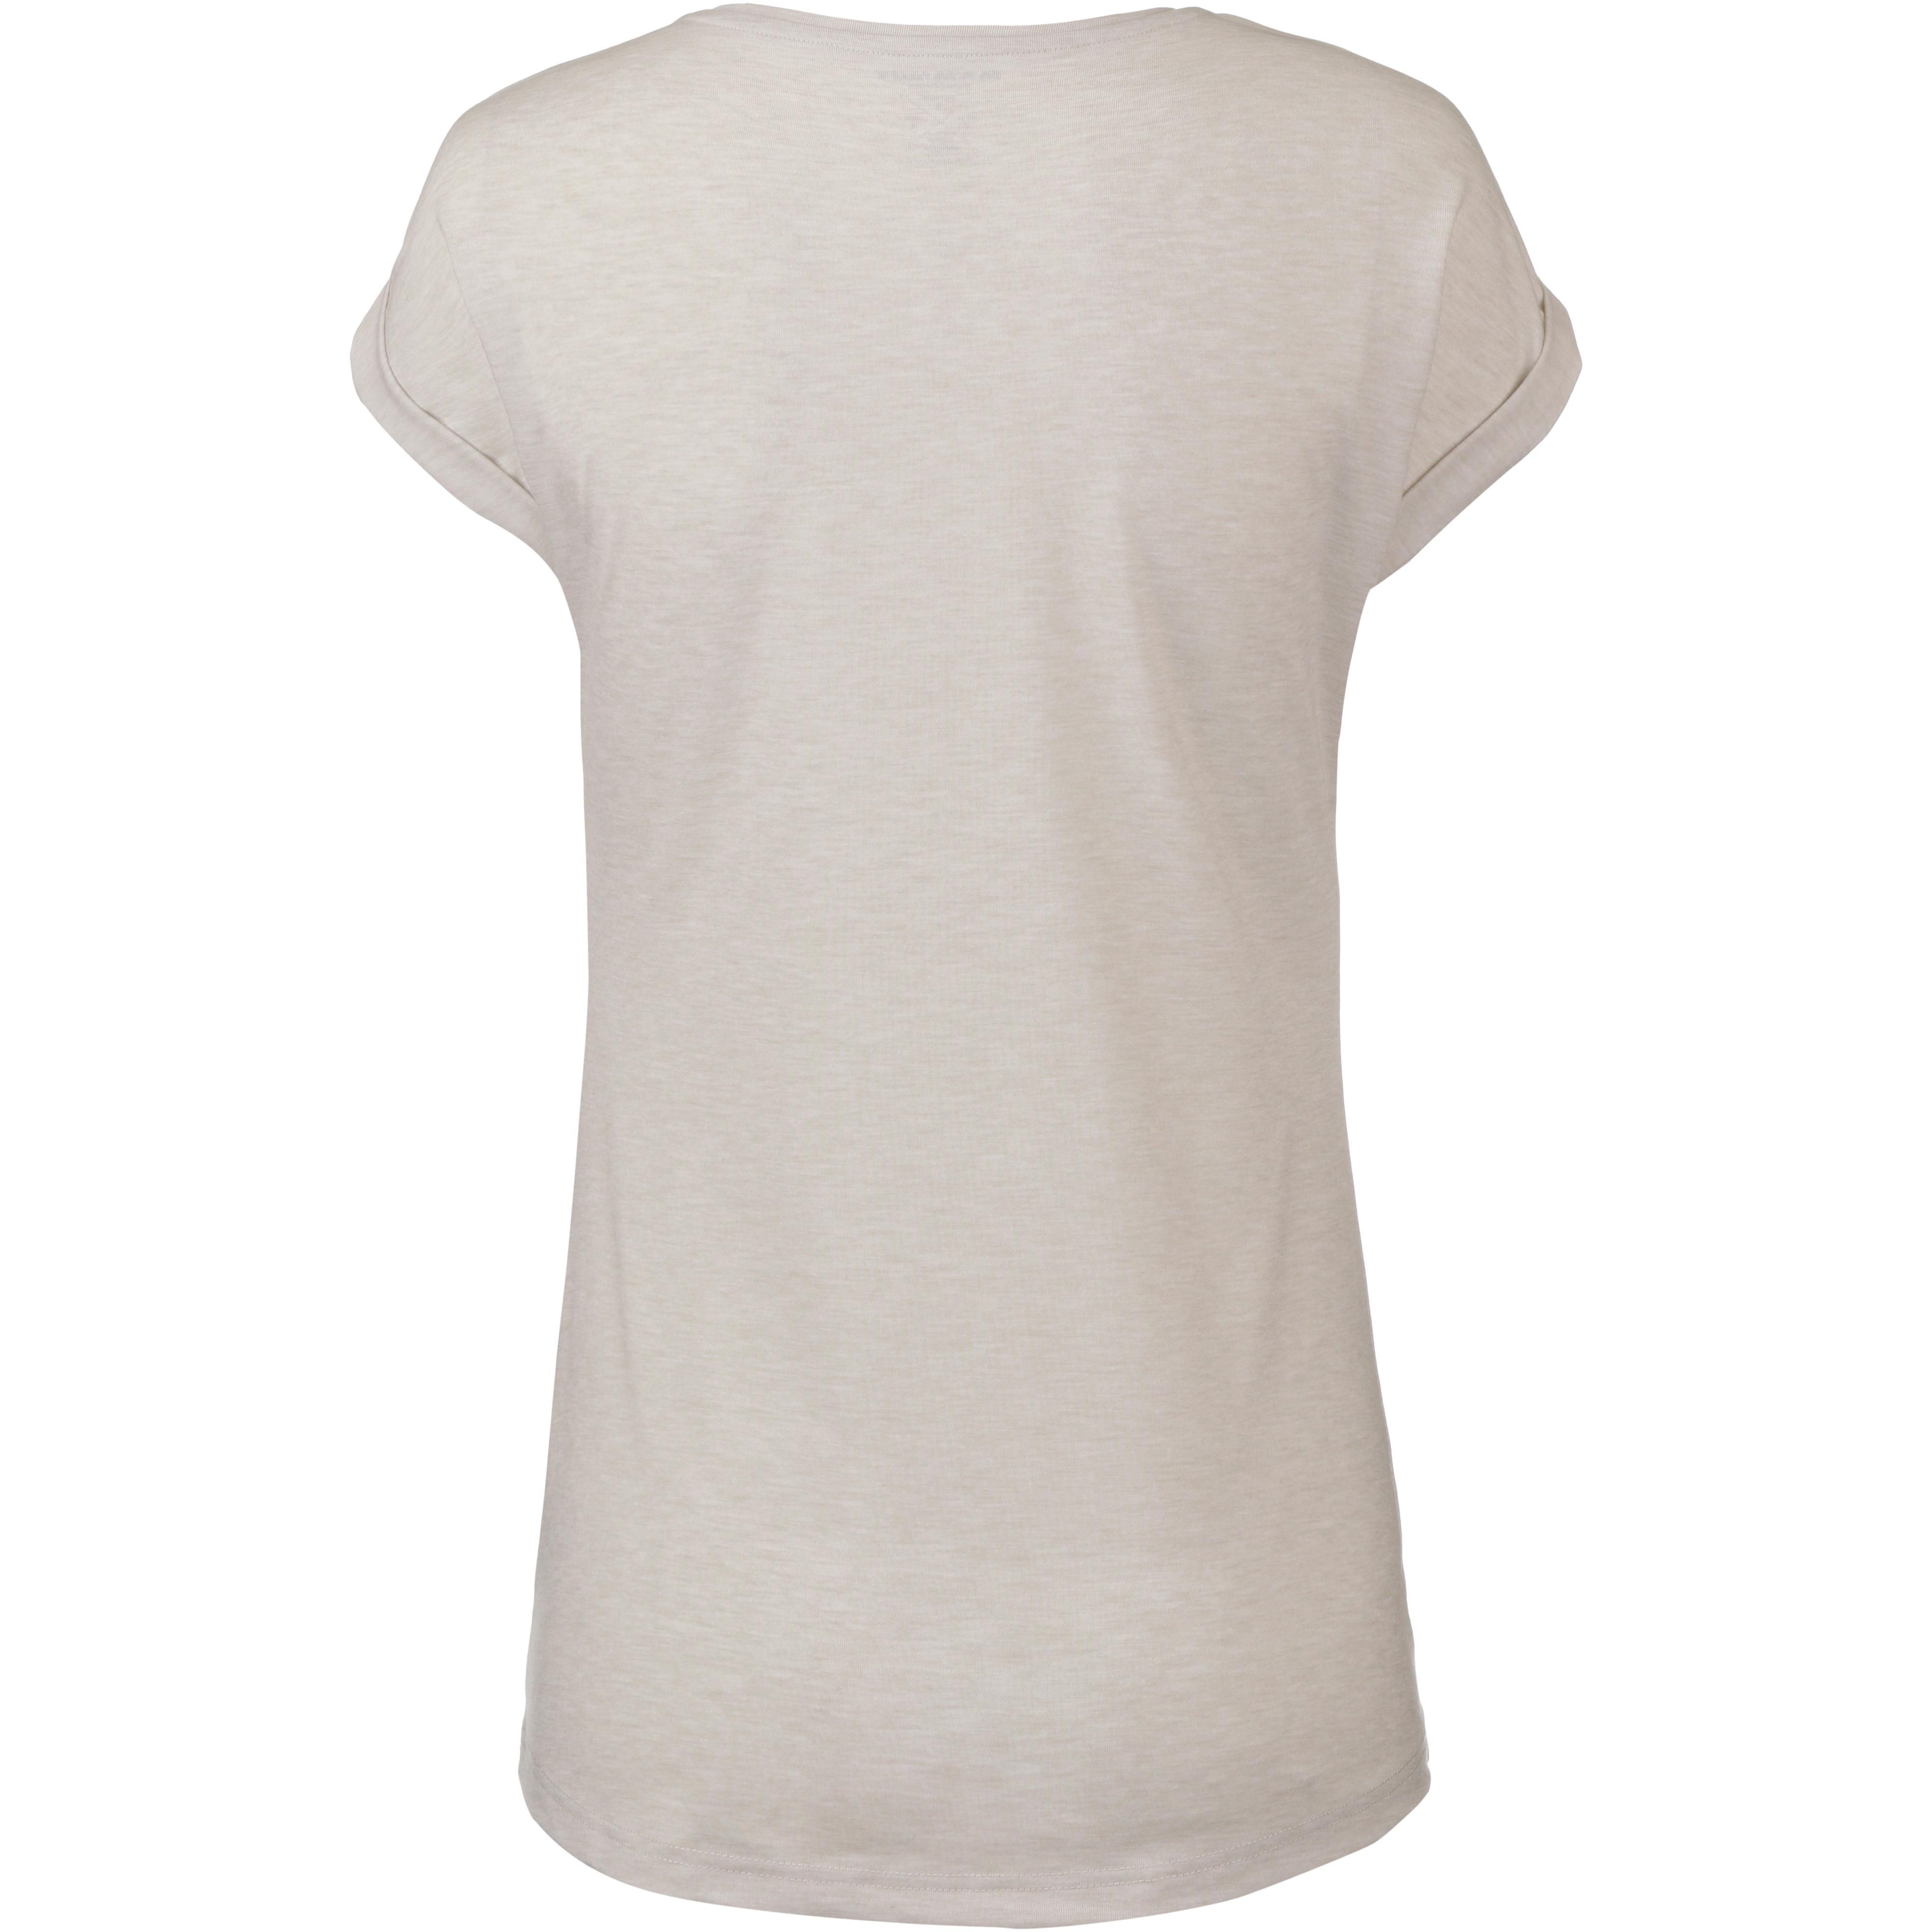 abgeholt Schnelle Lieferung Genieße den kostenlosen Versand Mammut Mountain T-Shirt Damen bright white melange PRT1 im Online Shop von  SportScheck kaufen